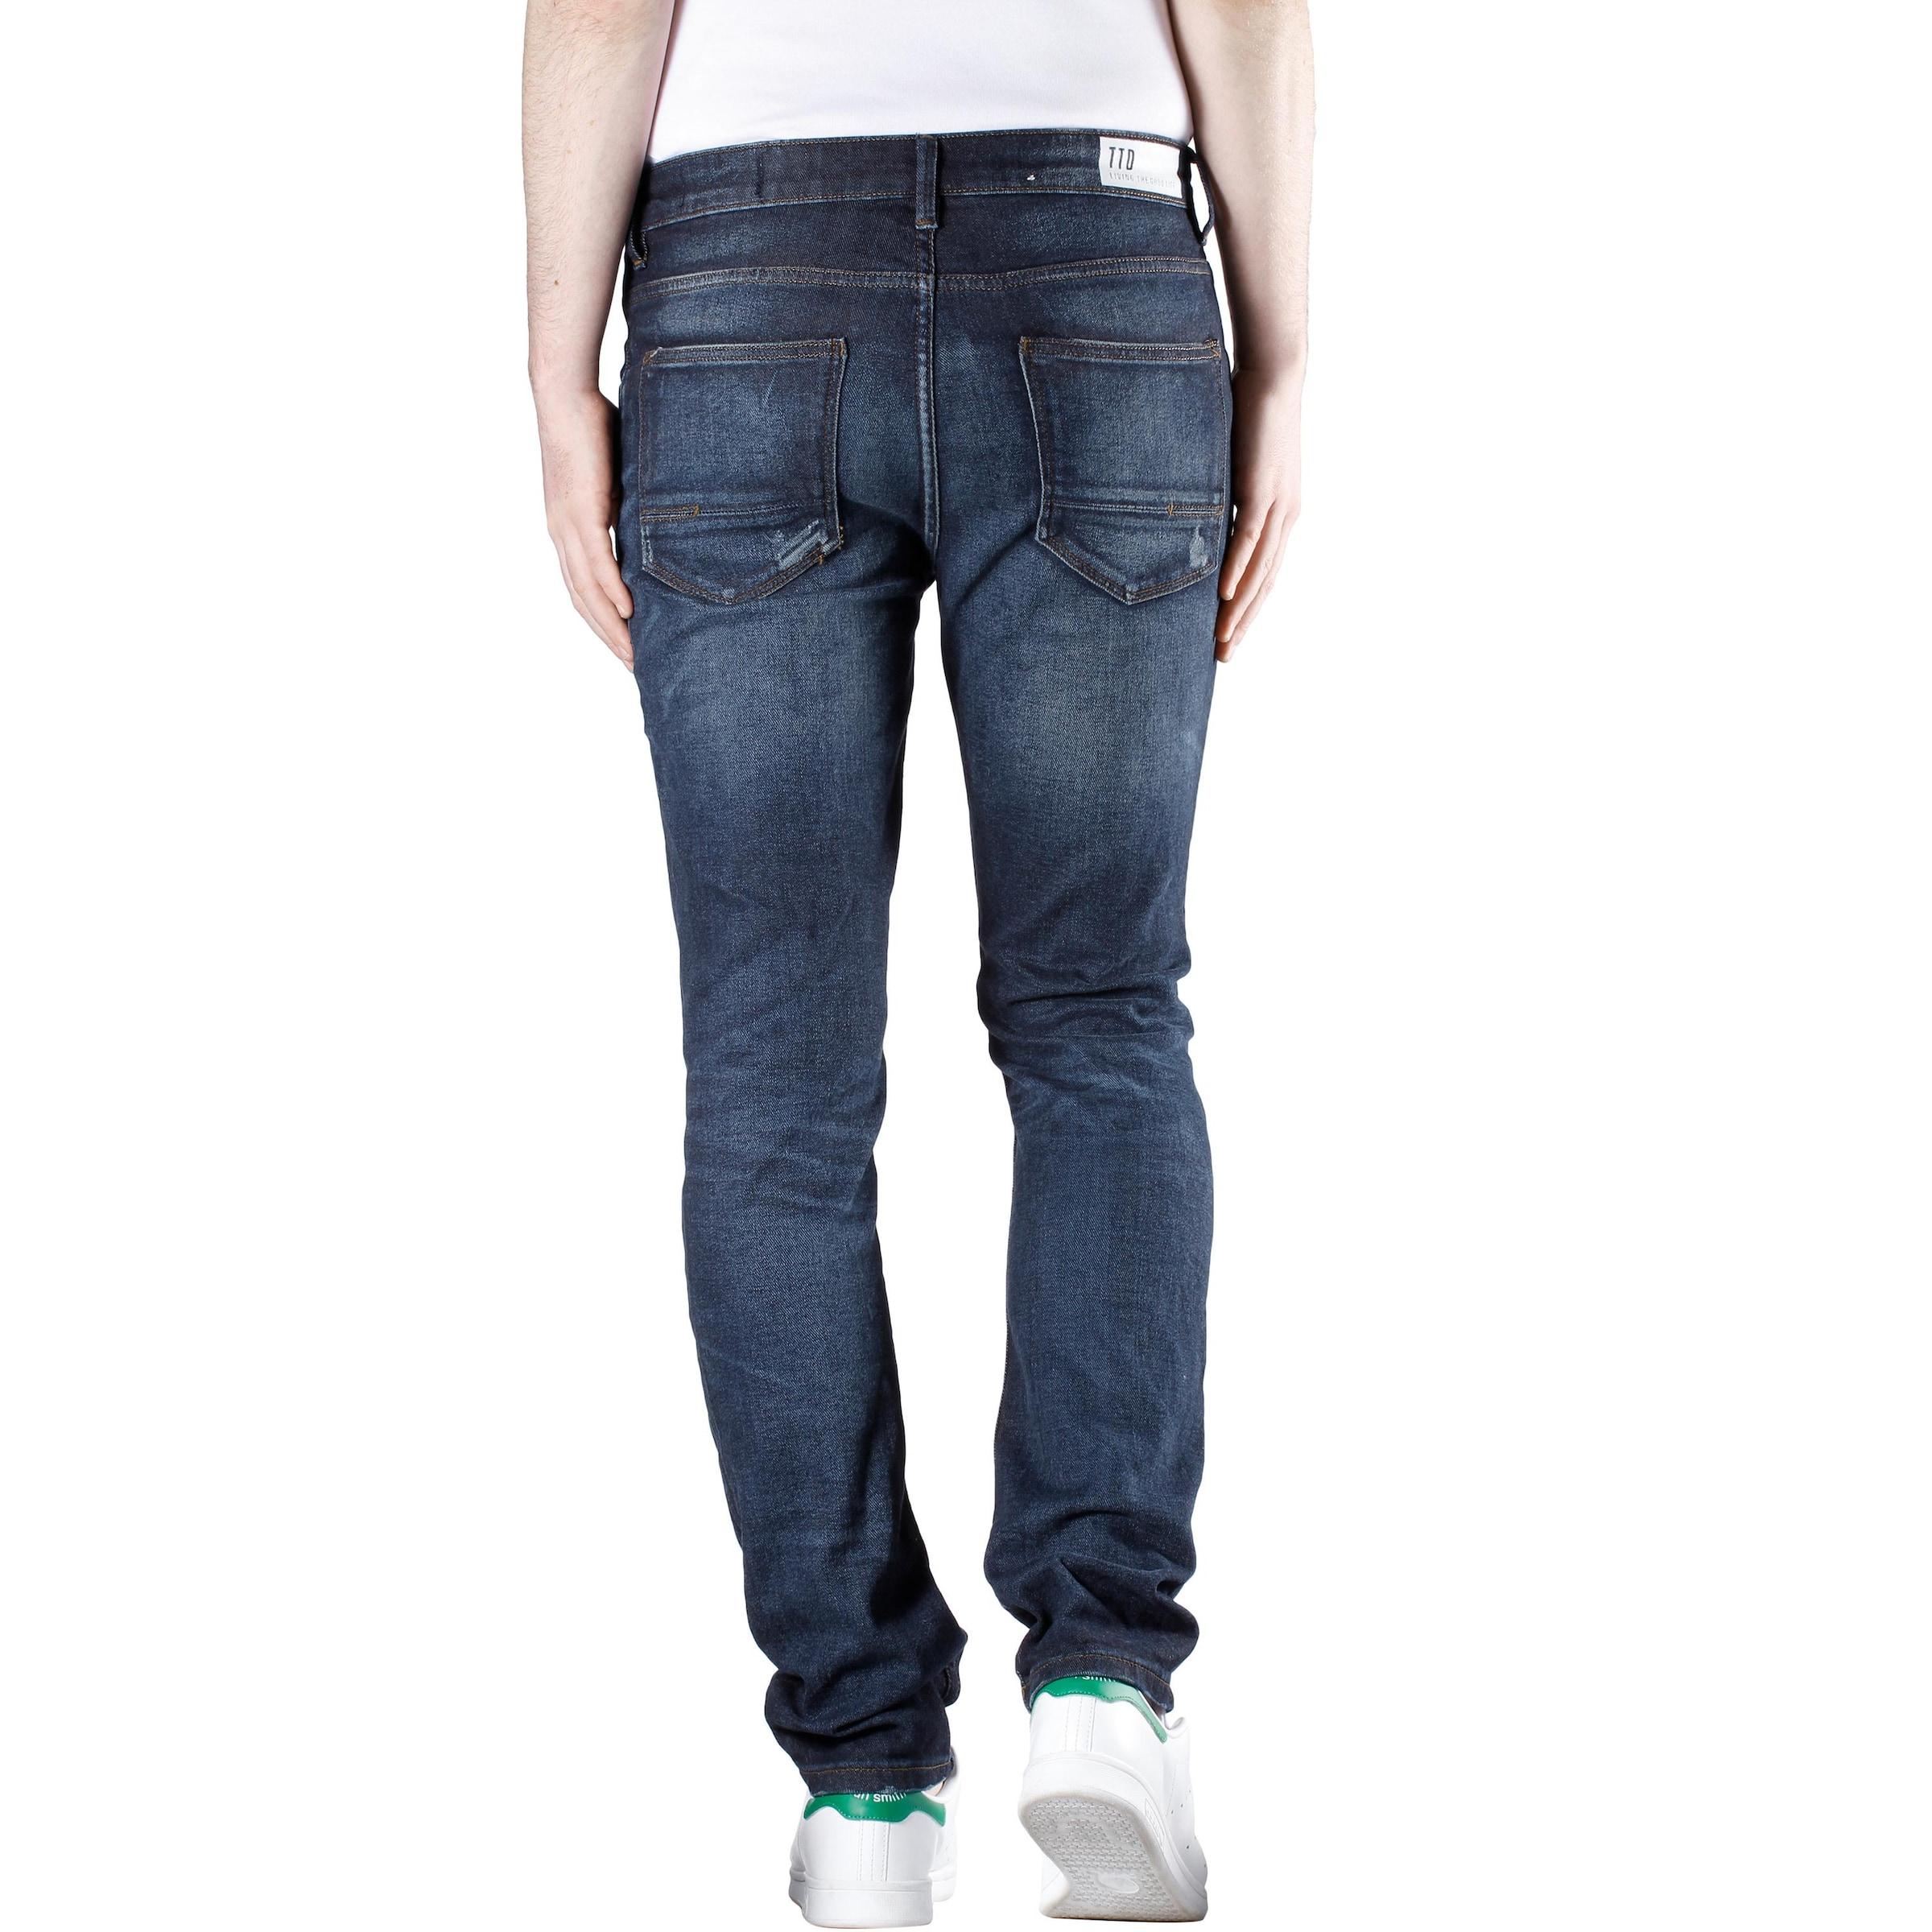 TOM TAILOR 'CULVER' Slim Fit Jeans Herren Steckdose Mit Master Besuchen Online-Verkauf Neu Verkauf Vorbestellung Rabatt Veröffentlichungstermine OSxTloVV0